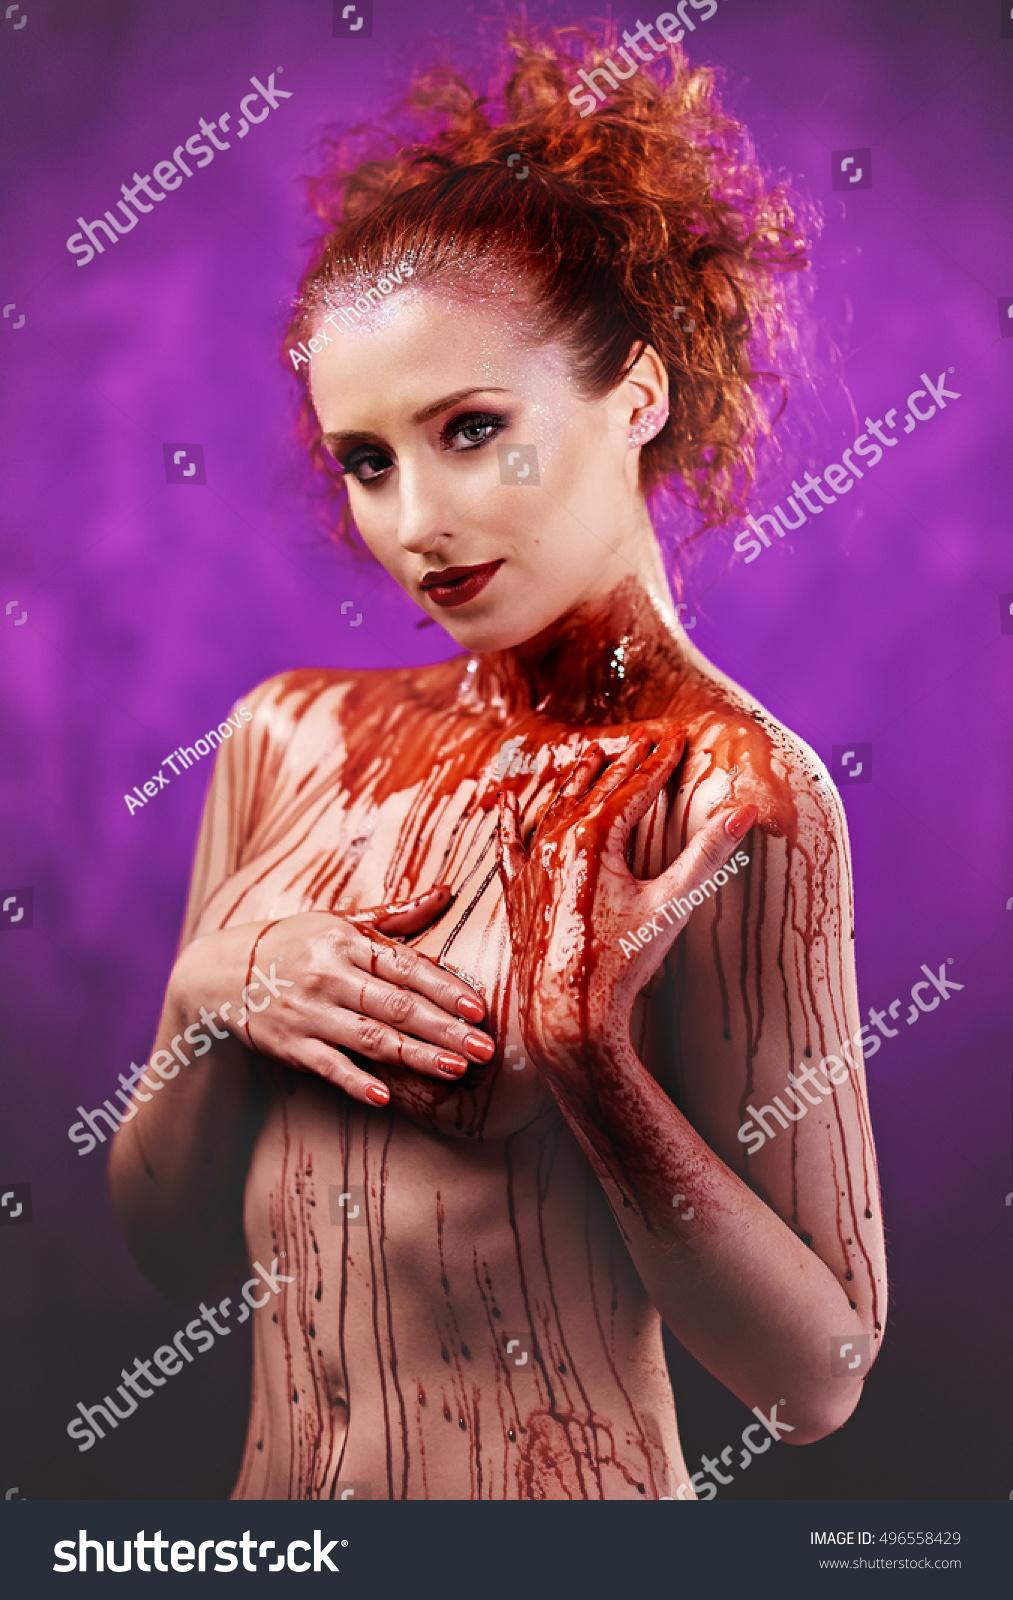 Lana clarkson bondage scene